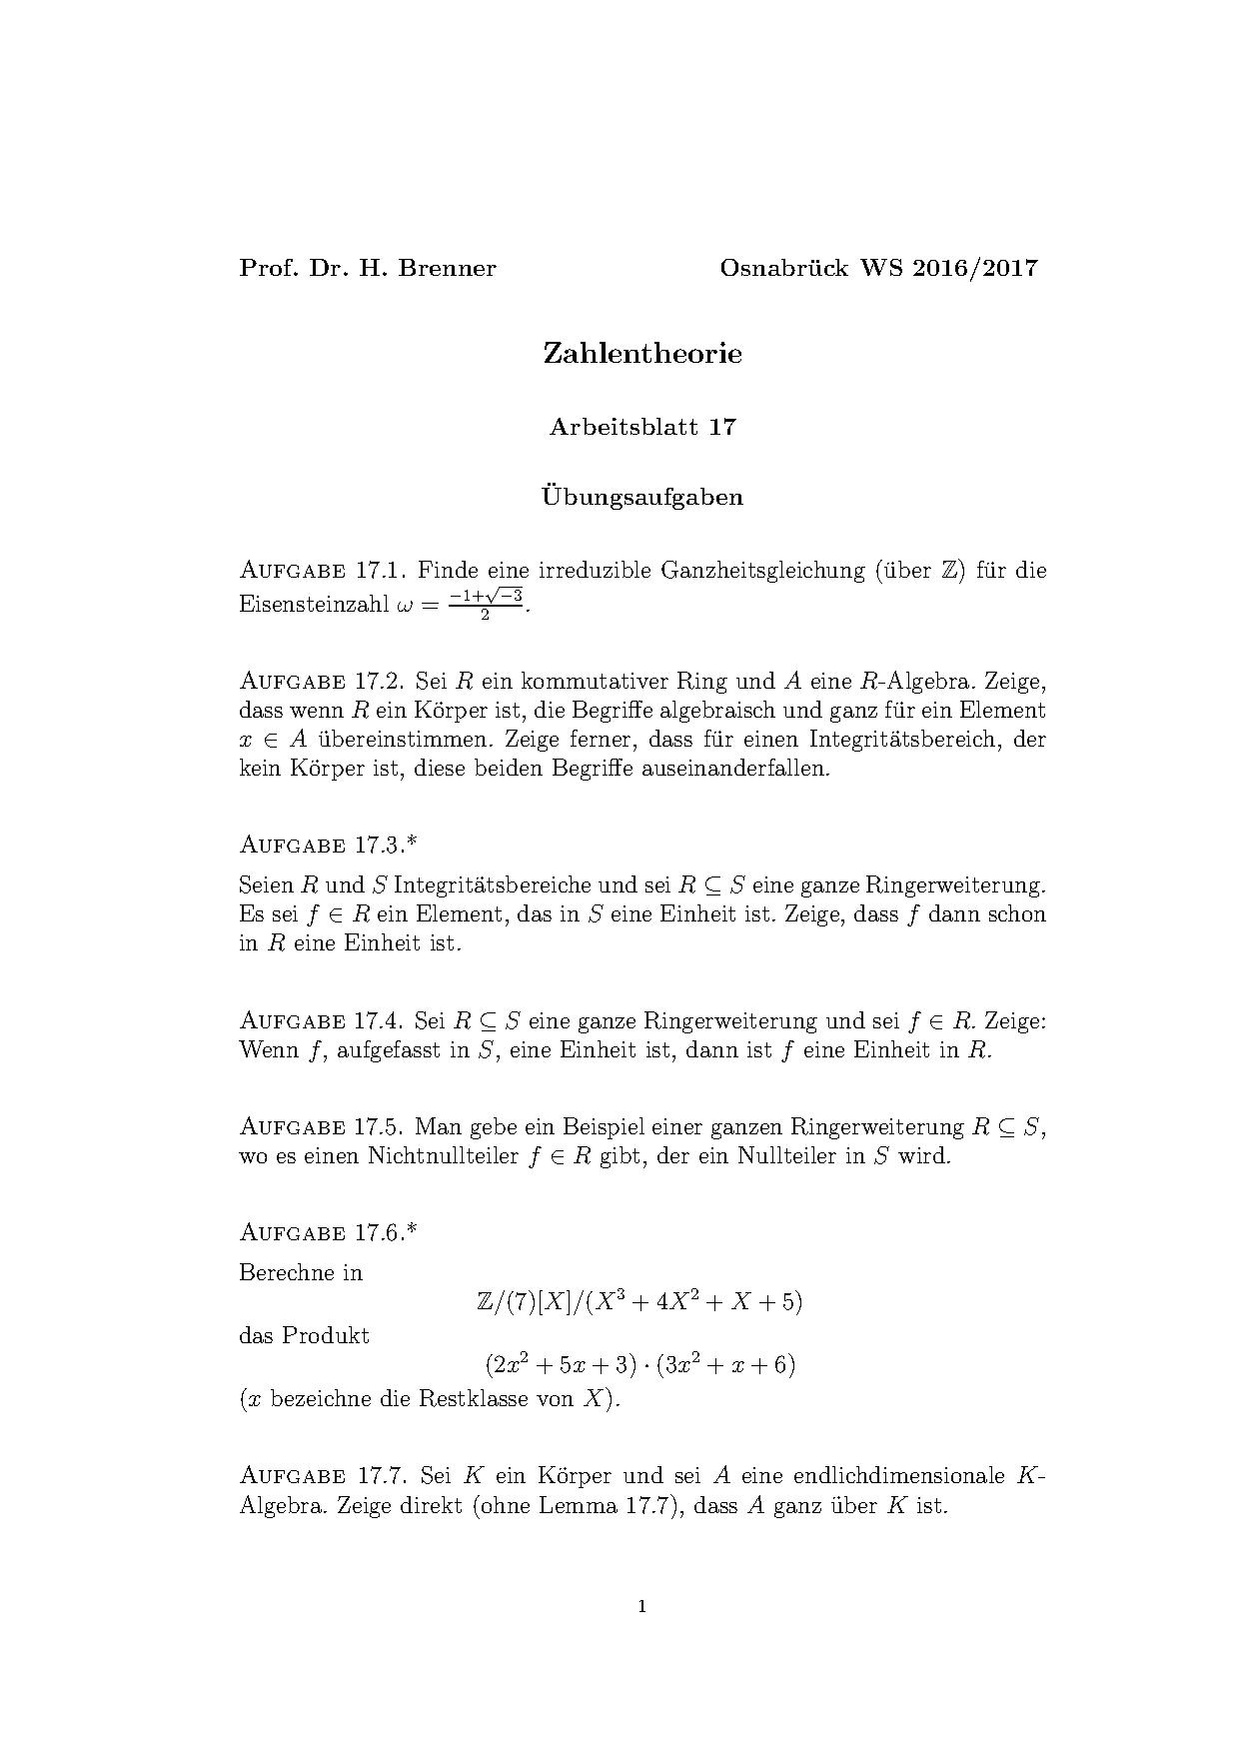 Niedlich Algebraische Ausdrücke Klasse 7 Arbeitsblatt Bilder ...